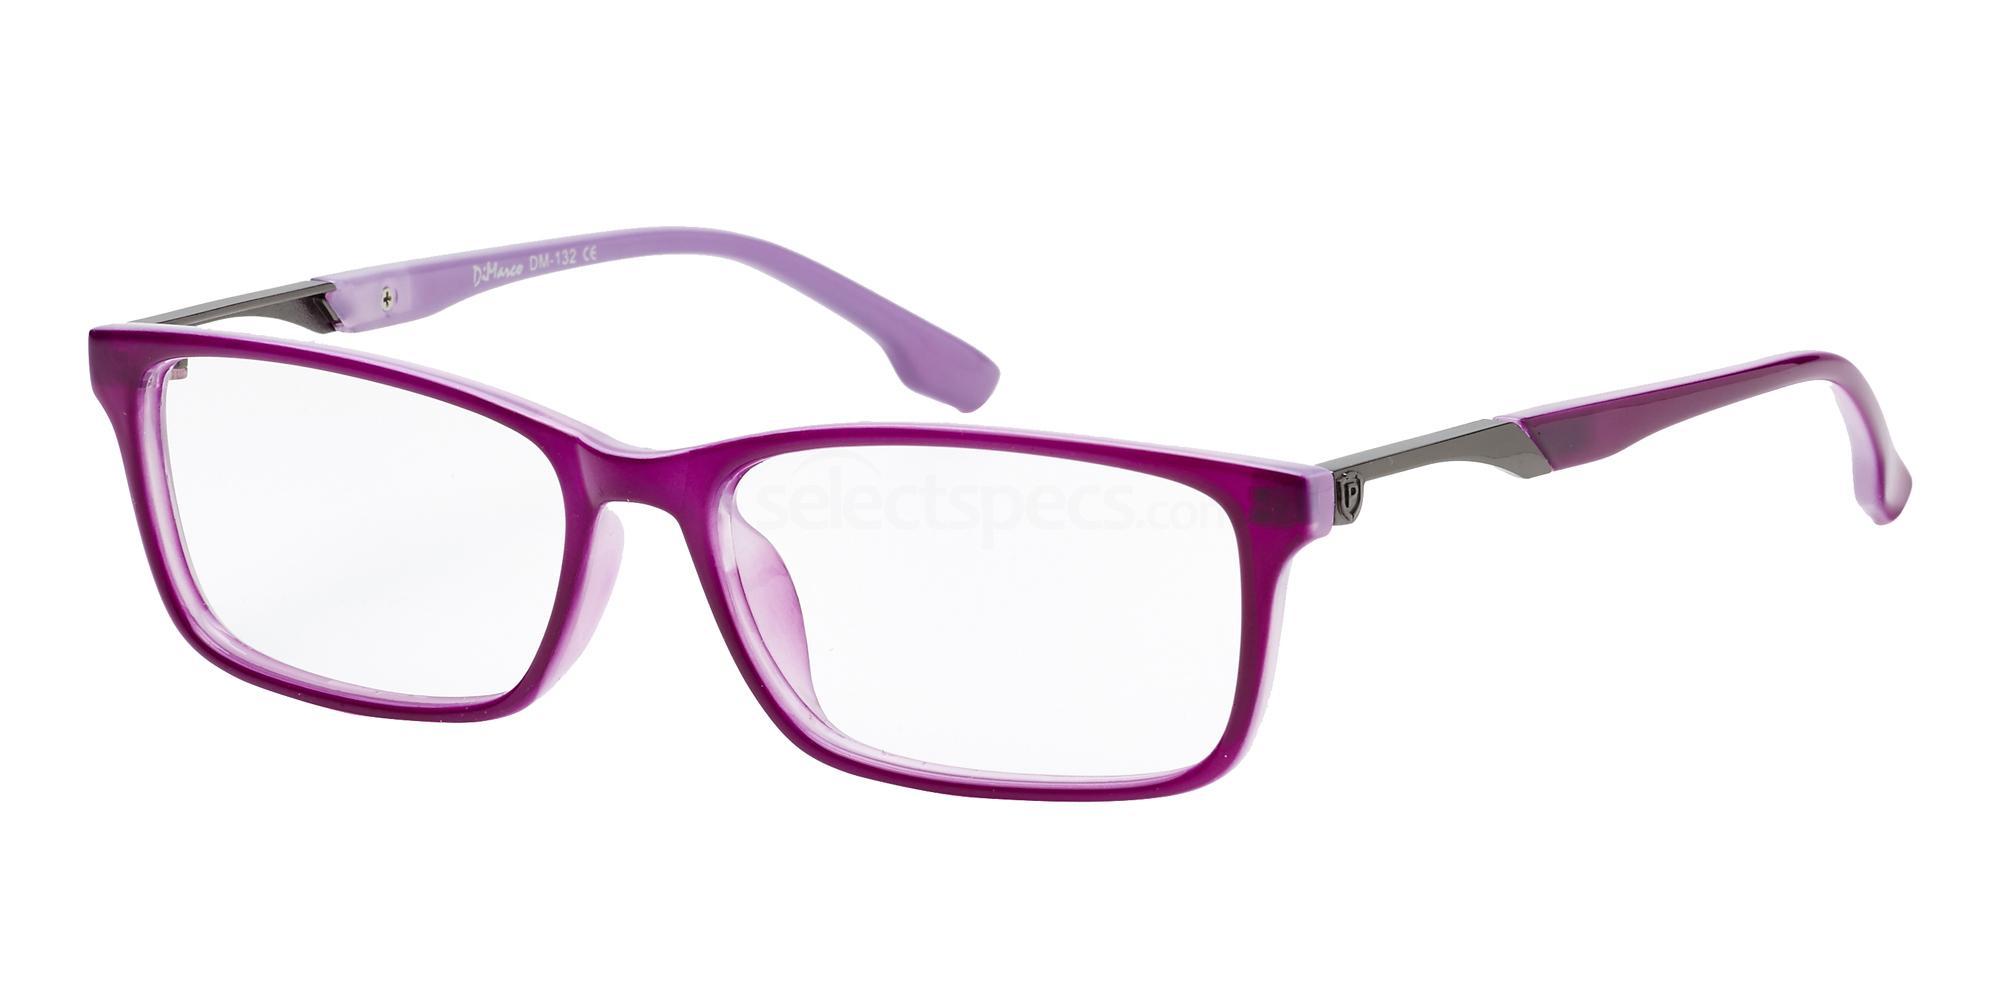 C2 DM132 Glasses, DiMarco